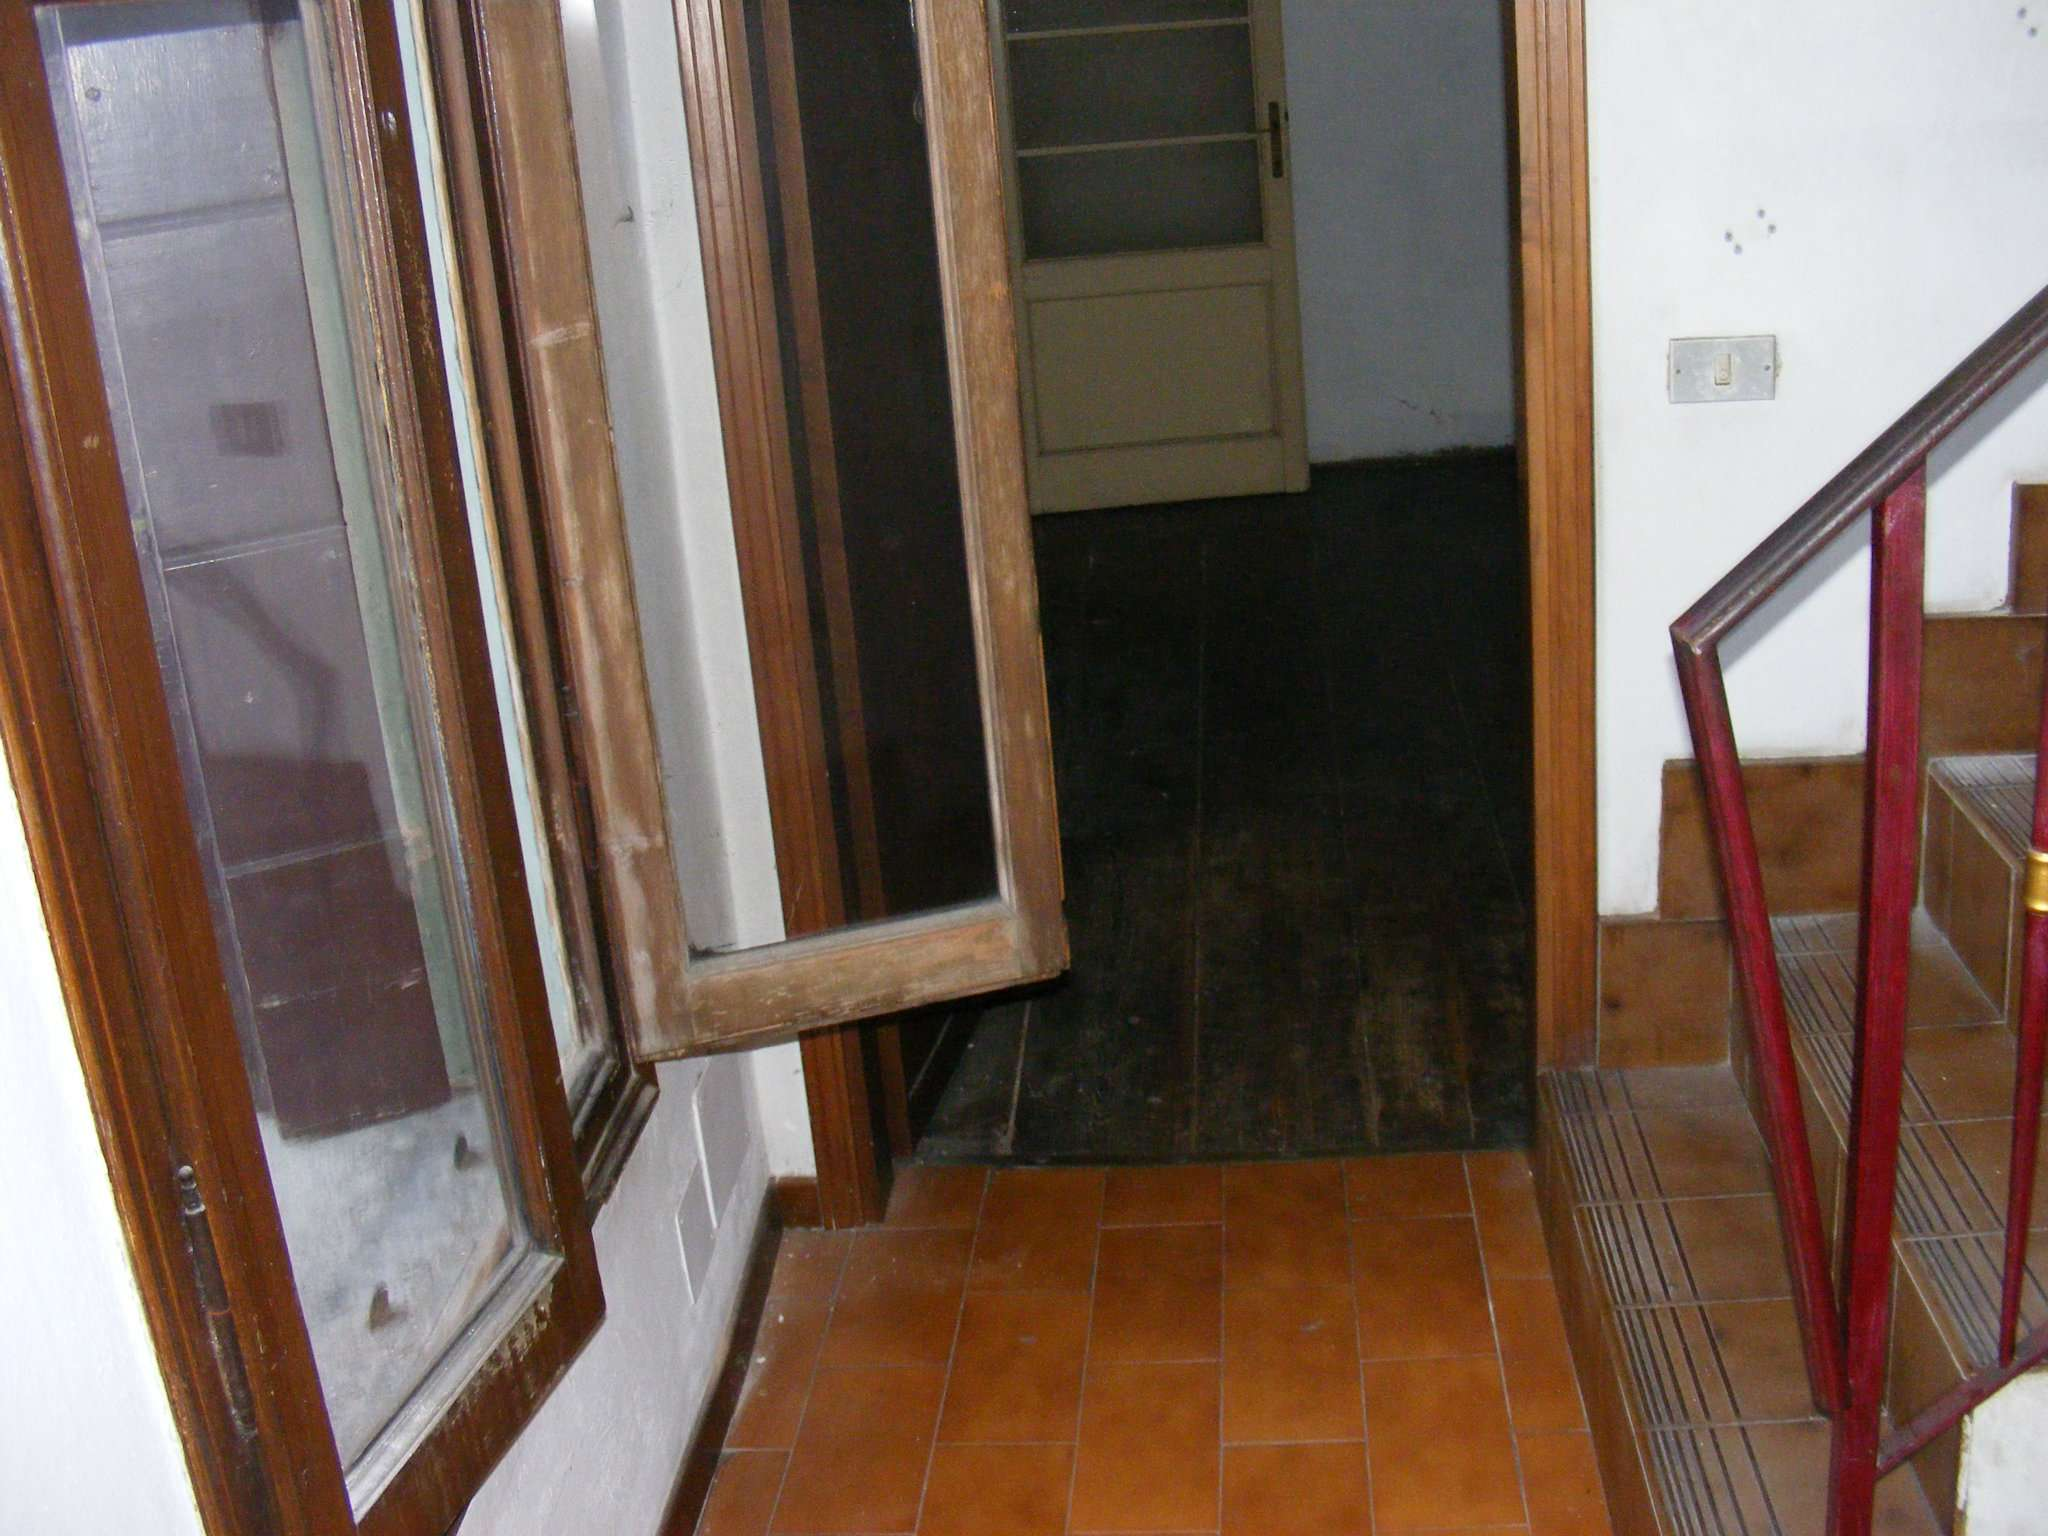 Soluzione Indipendente in vendita a Padova, 5 locali, zona Zona: 4 . Sud-Est (S.Croce-S. Osvaldo, Bassanello-Voltabarozzo), prezzo € 185.000 | Cambio Casa.it